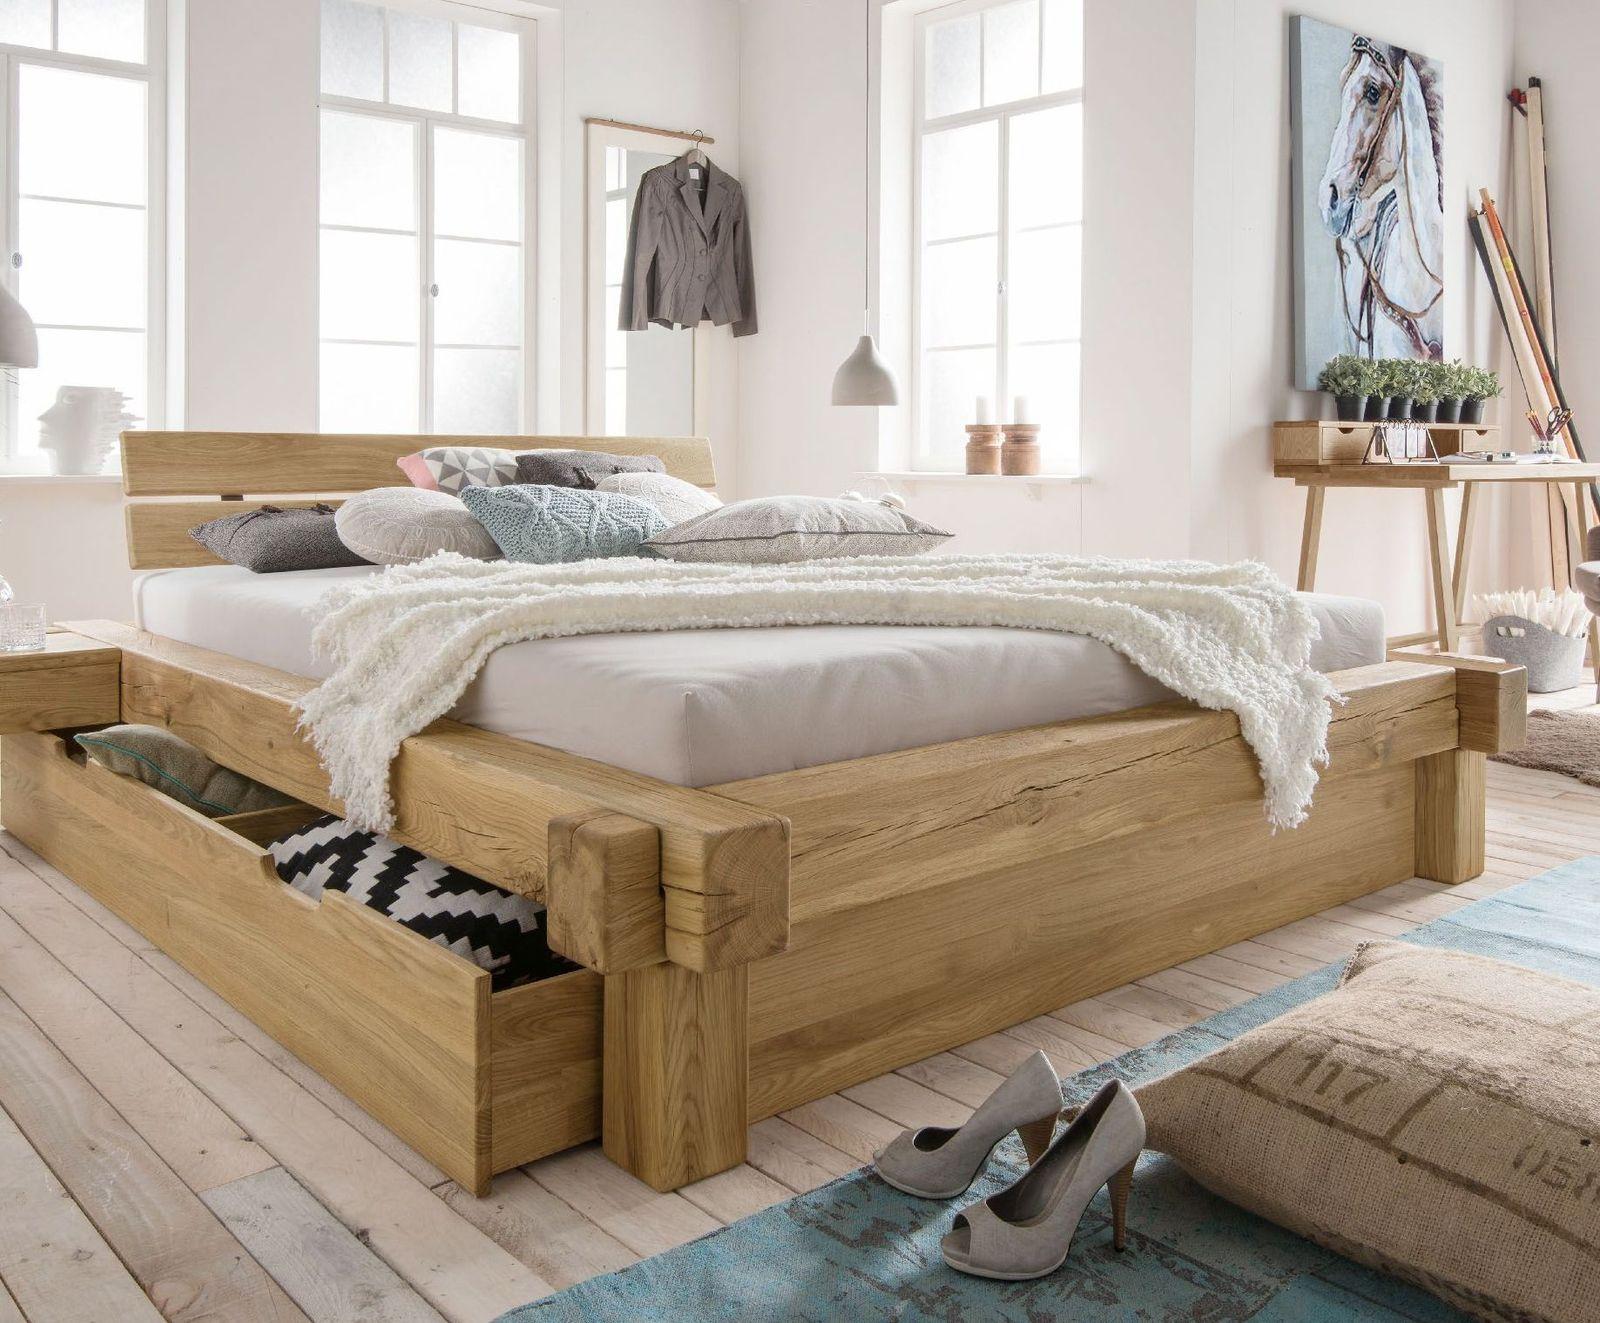 Full Size of Xxl Betten Stabile Erkennen Und So Das Bett Selbst Stabilisieren Sofa Grau Amazon 180x200 Düsseldorf Hohe Günstig Kaufen Massivholz Weiße Ausgefallene Bett Xxl Betten